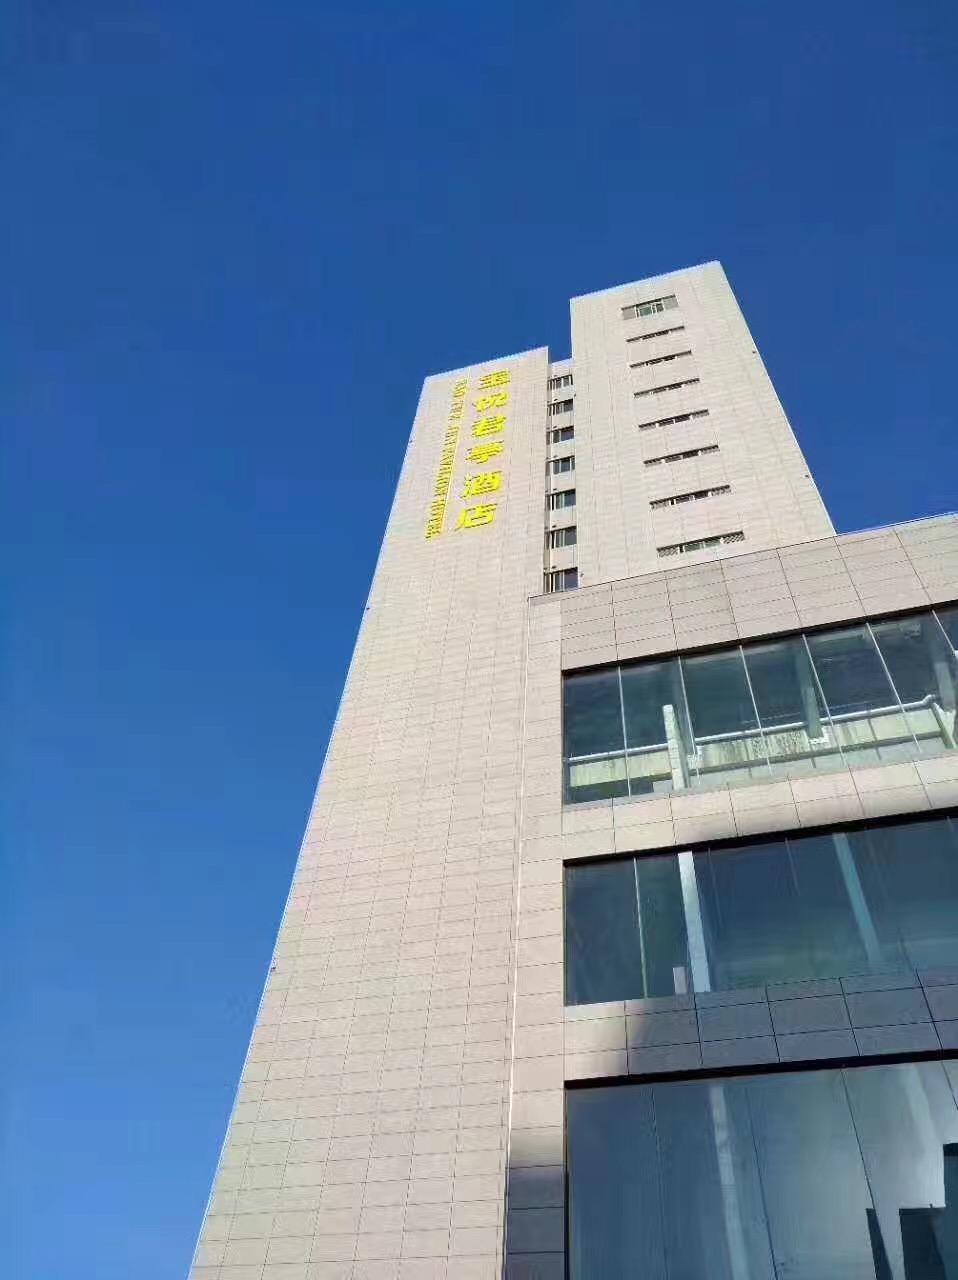 宝悦酒店模块机项目